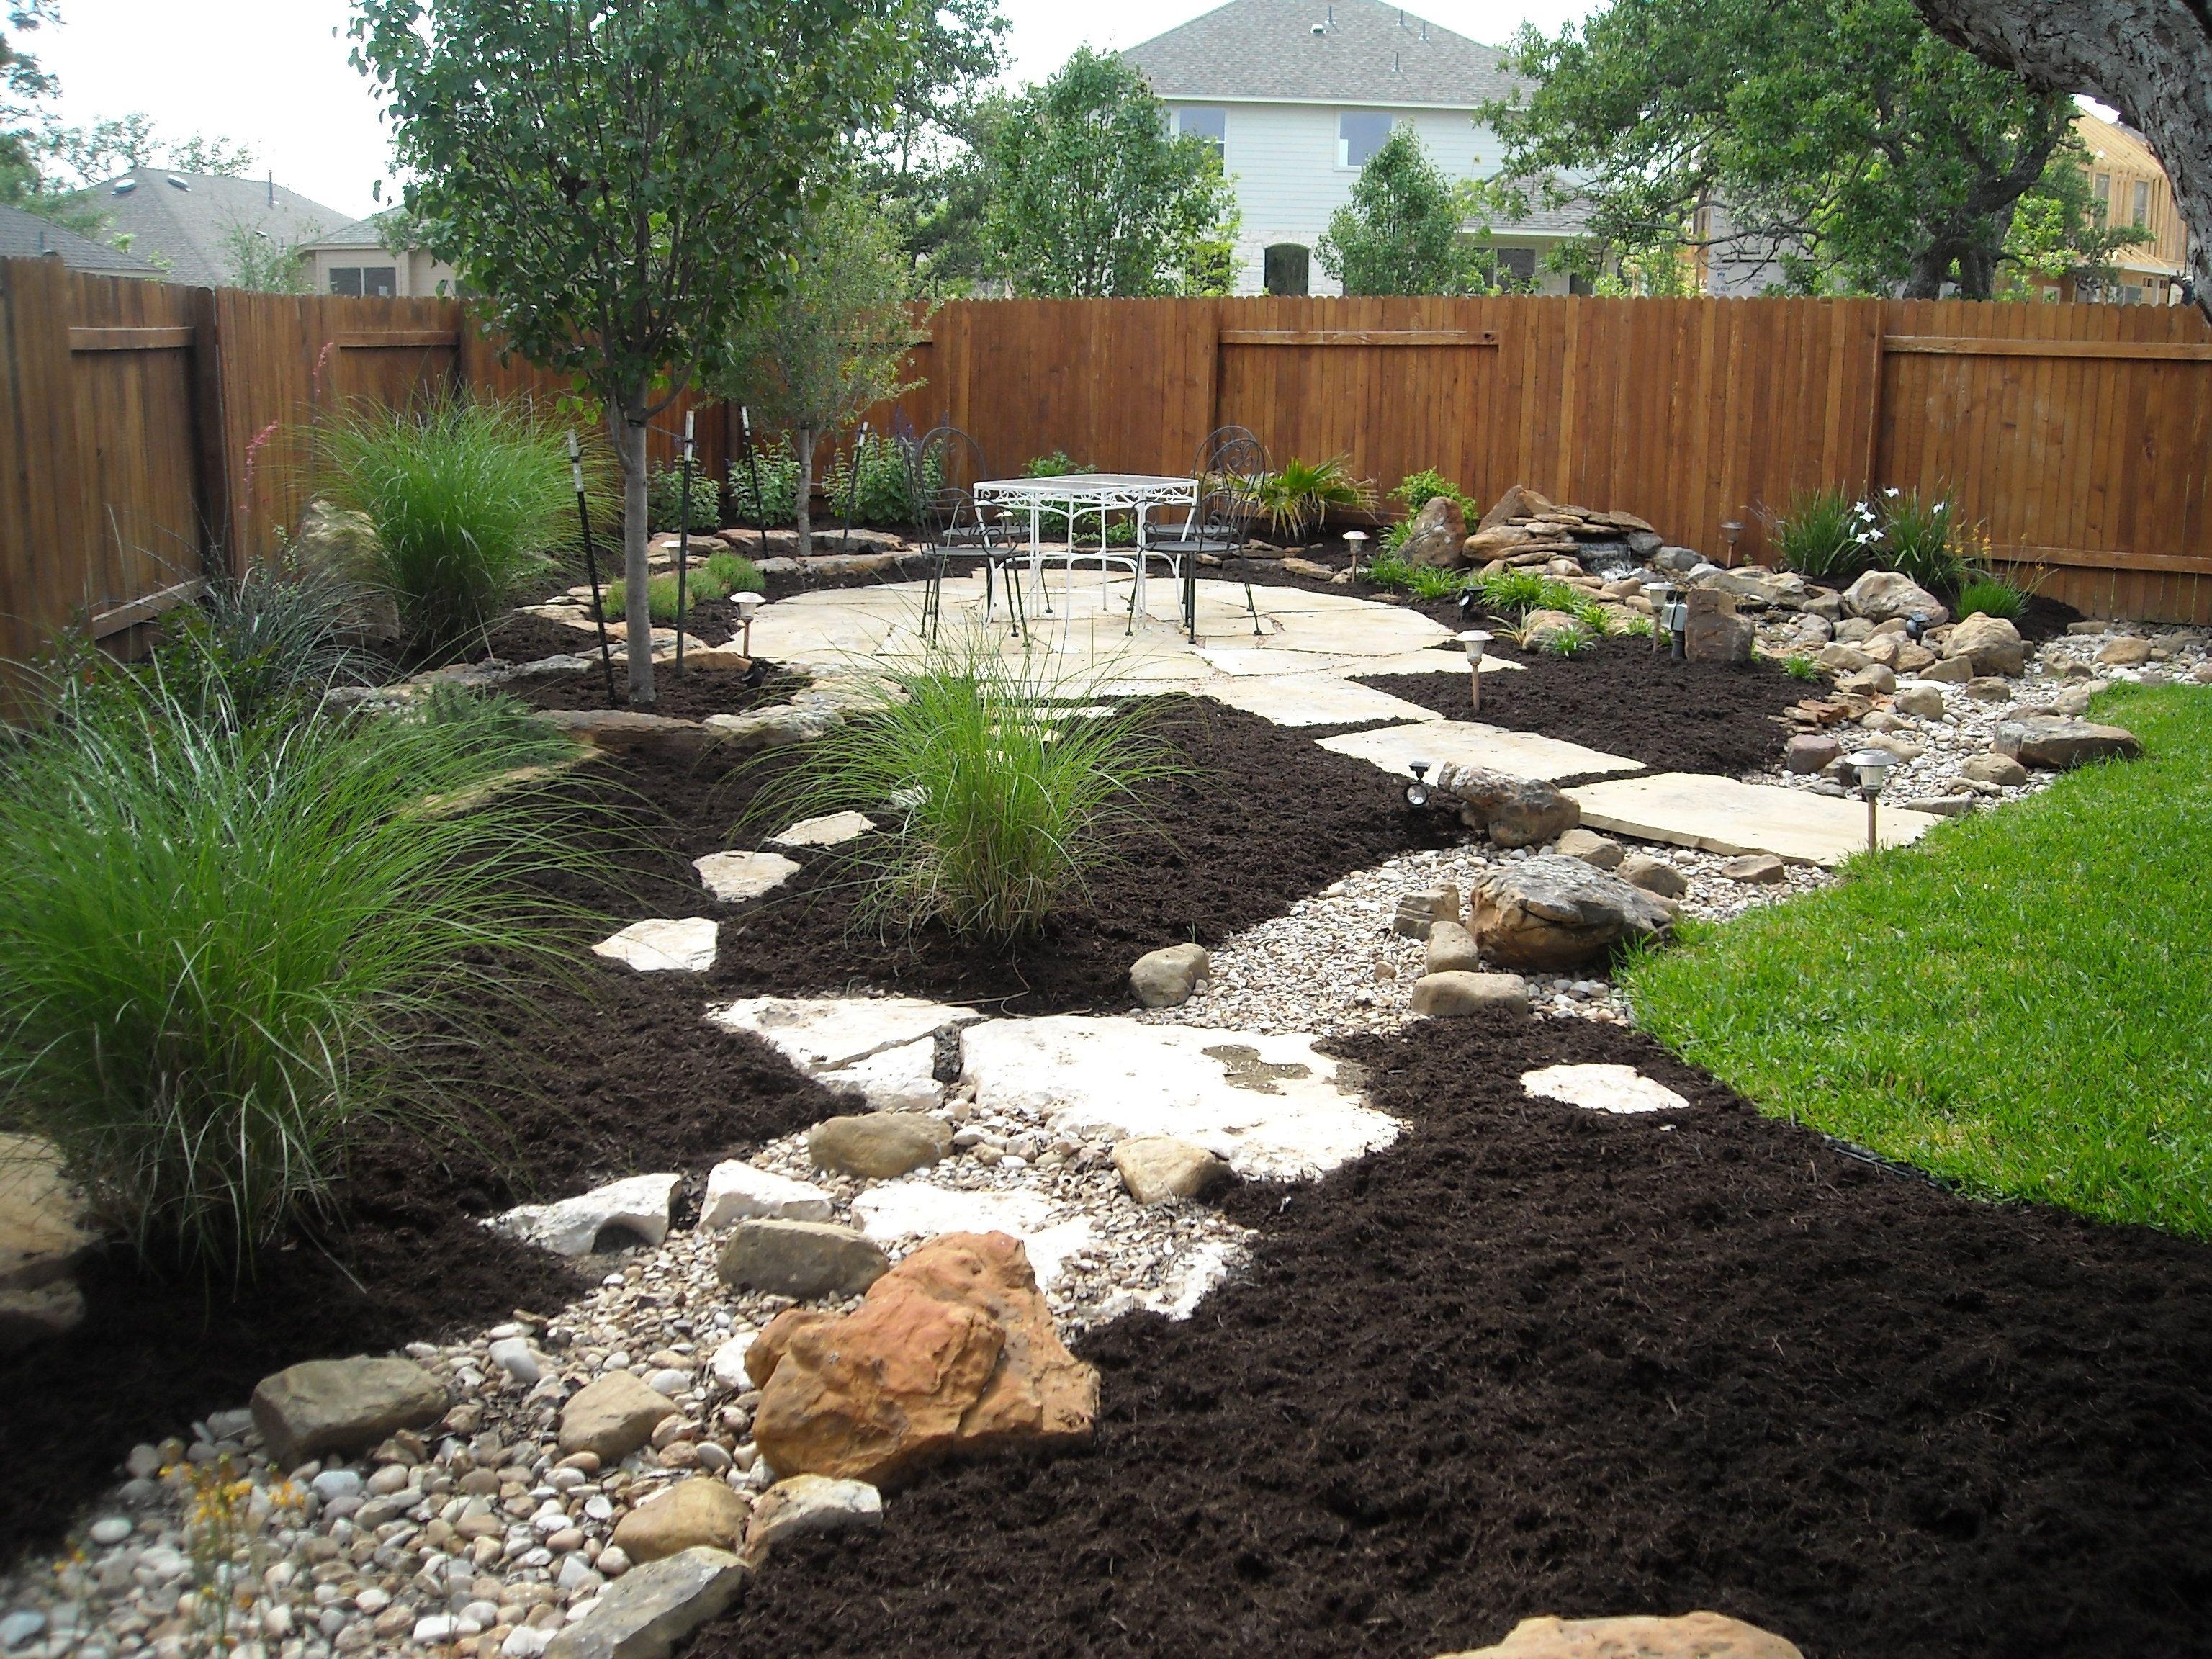 Landscape Design Landscaping Dry Creek Beds Austin 4 Dry